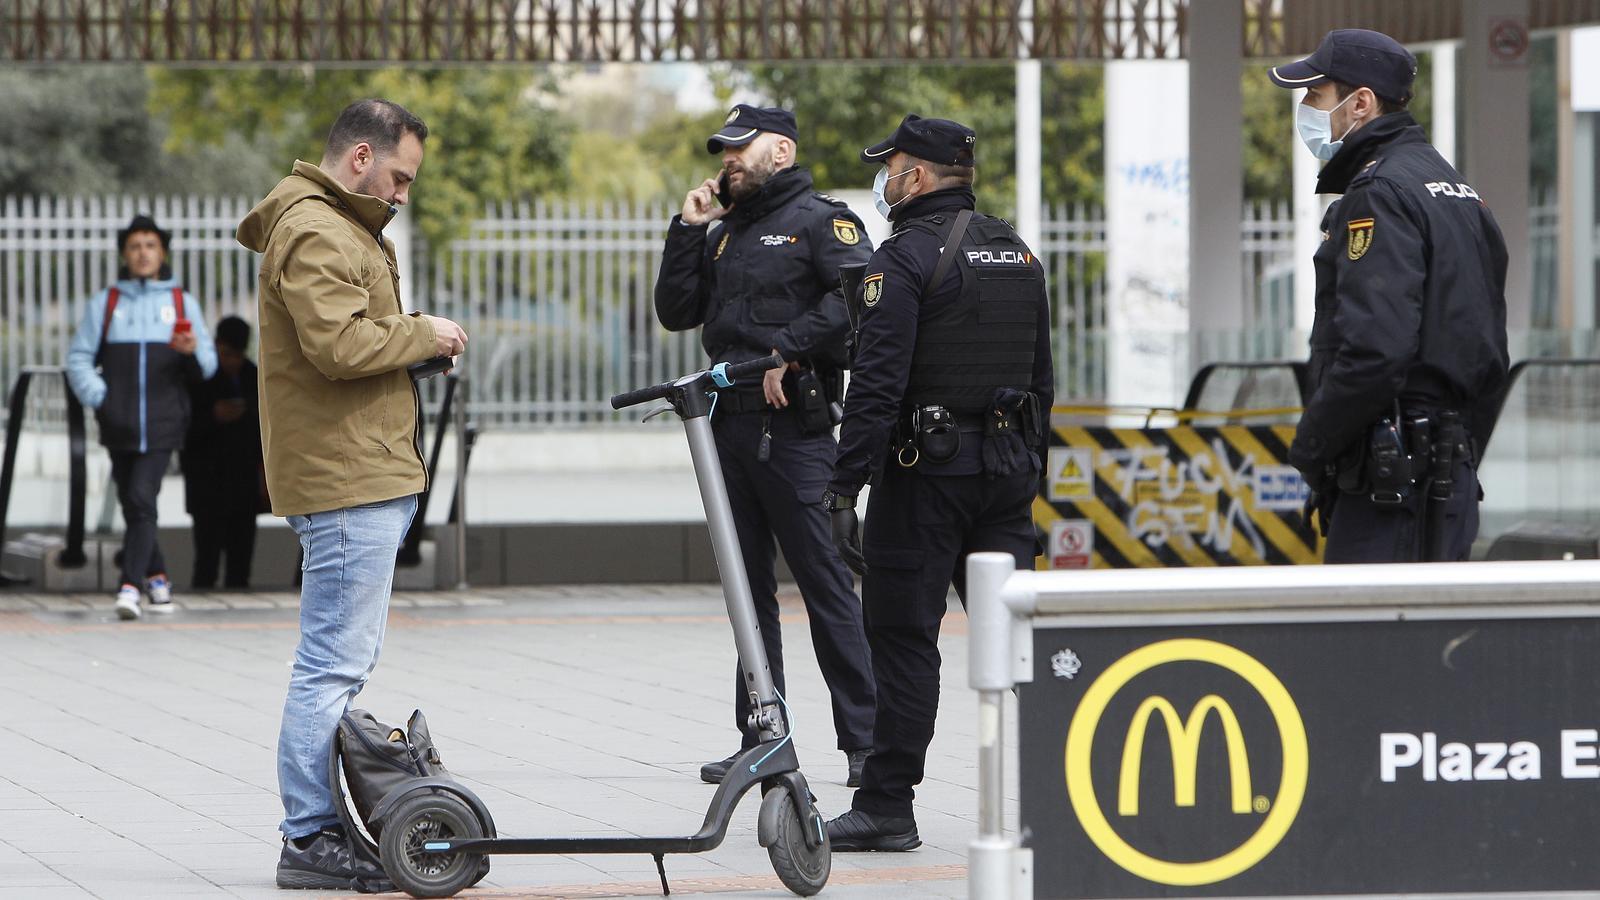 Control al carrer de la Policia Nacional a Palma